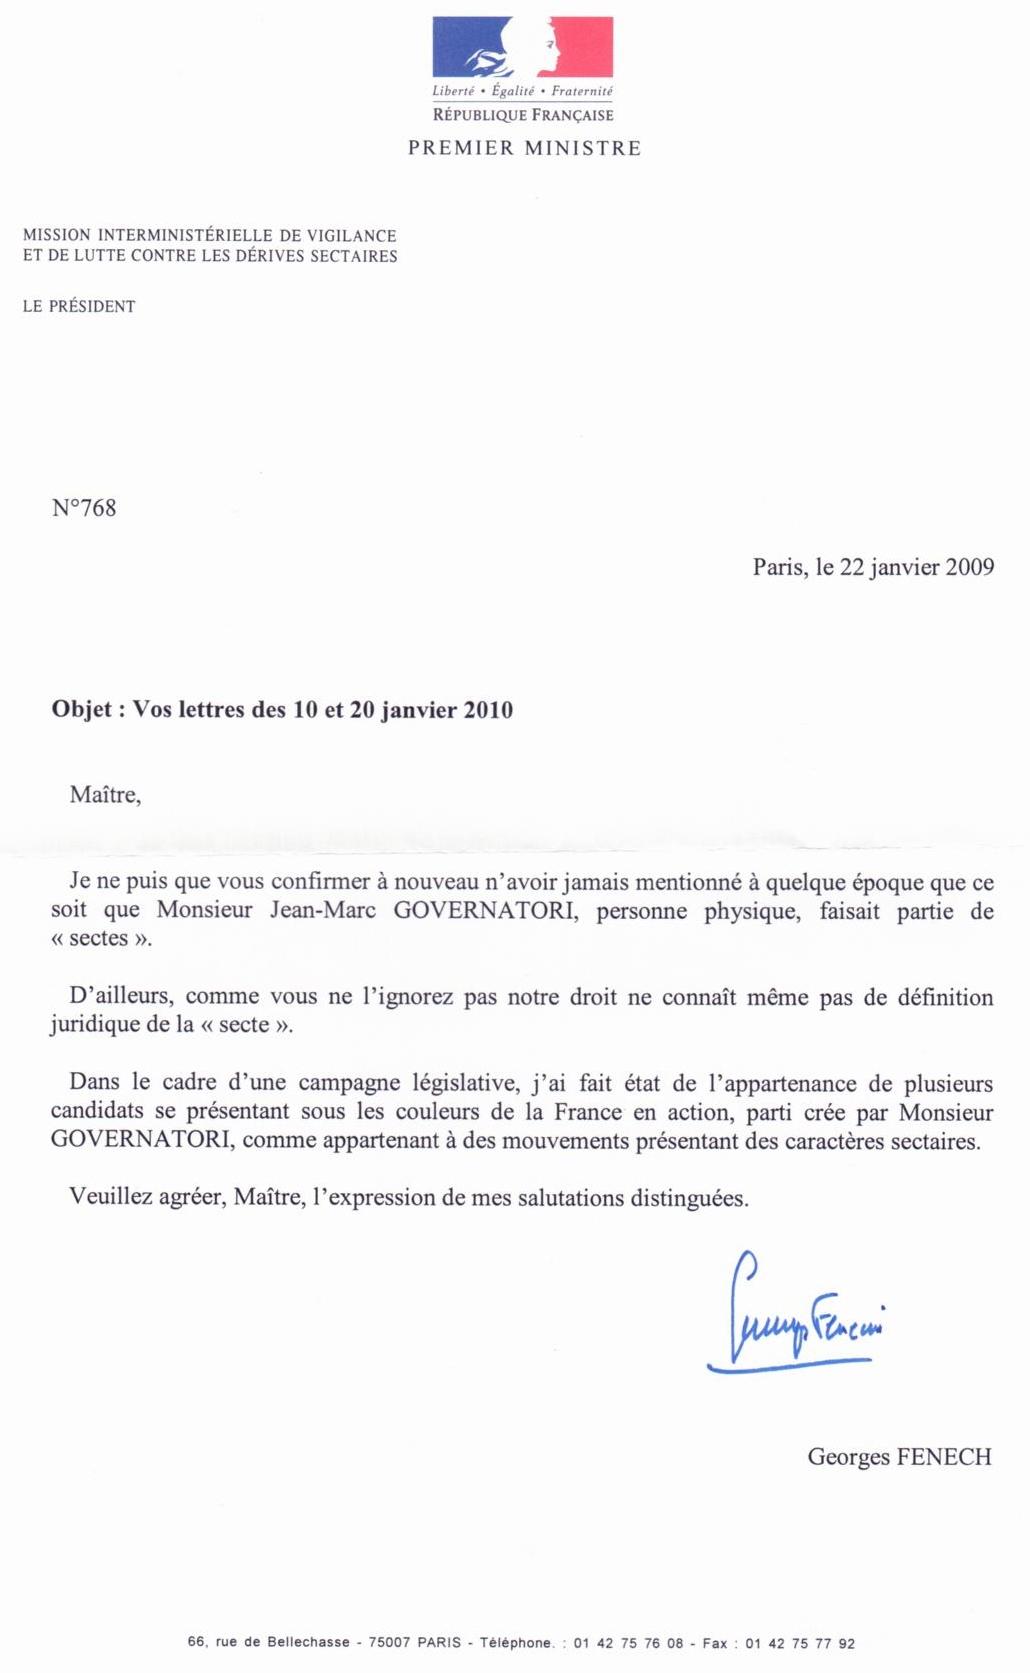 La réponse de Georges Fenech à jean-Marc Governatori